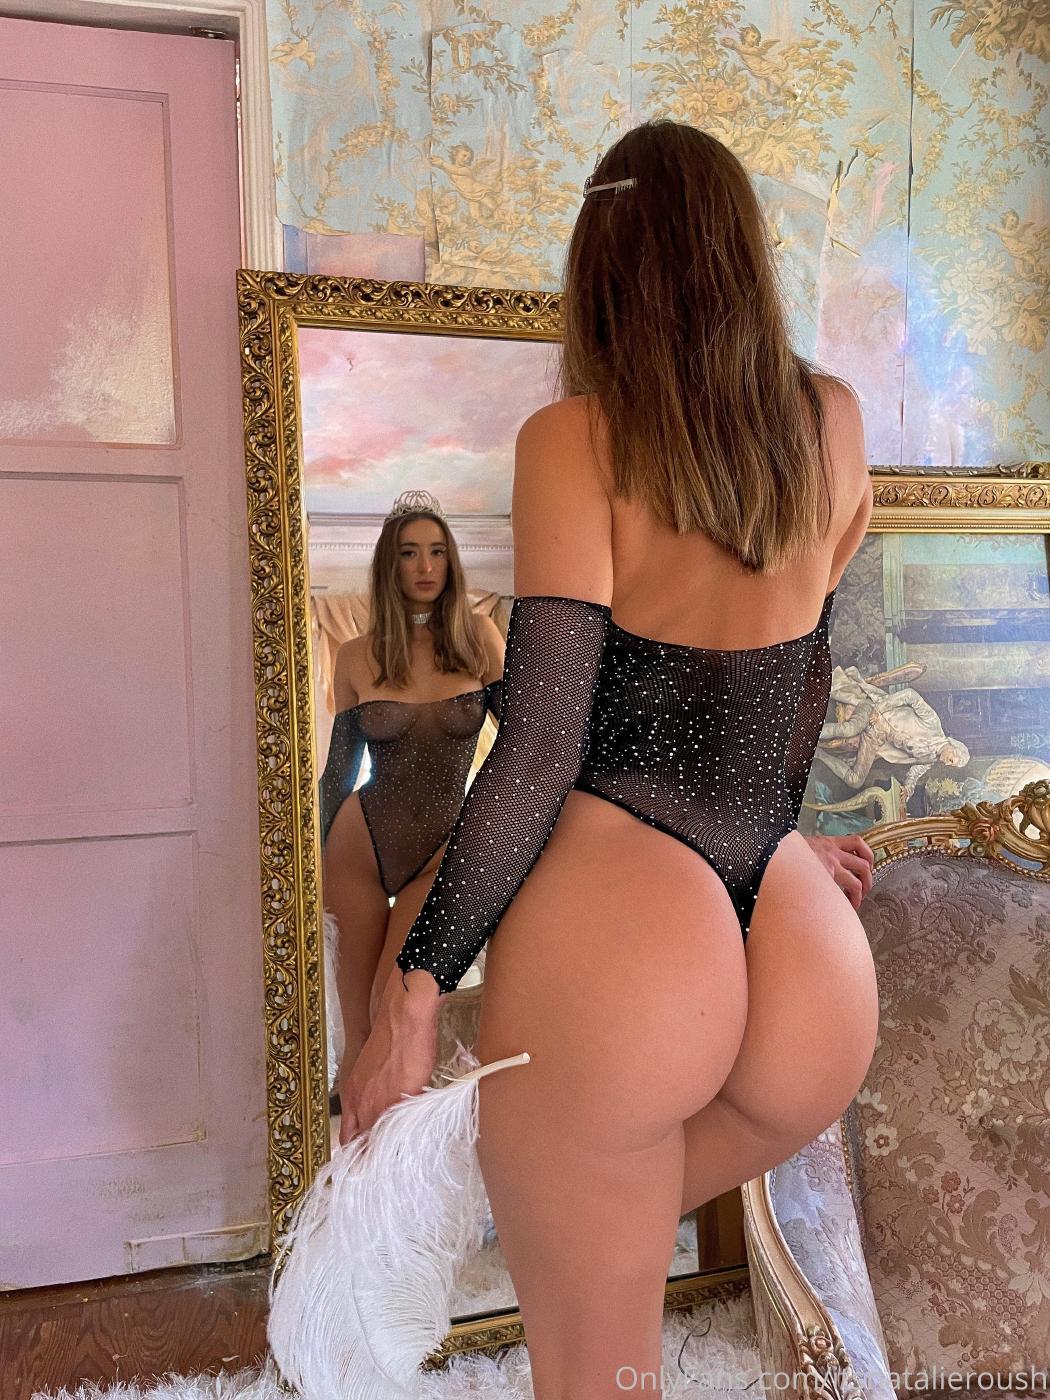 Natalie Roush Nude Fishnet Onlyfans Set Leaked Rwbmrj